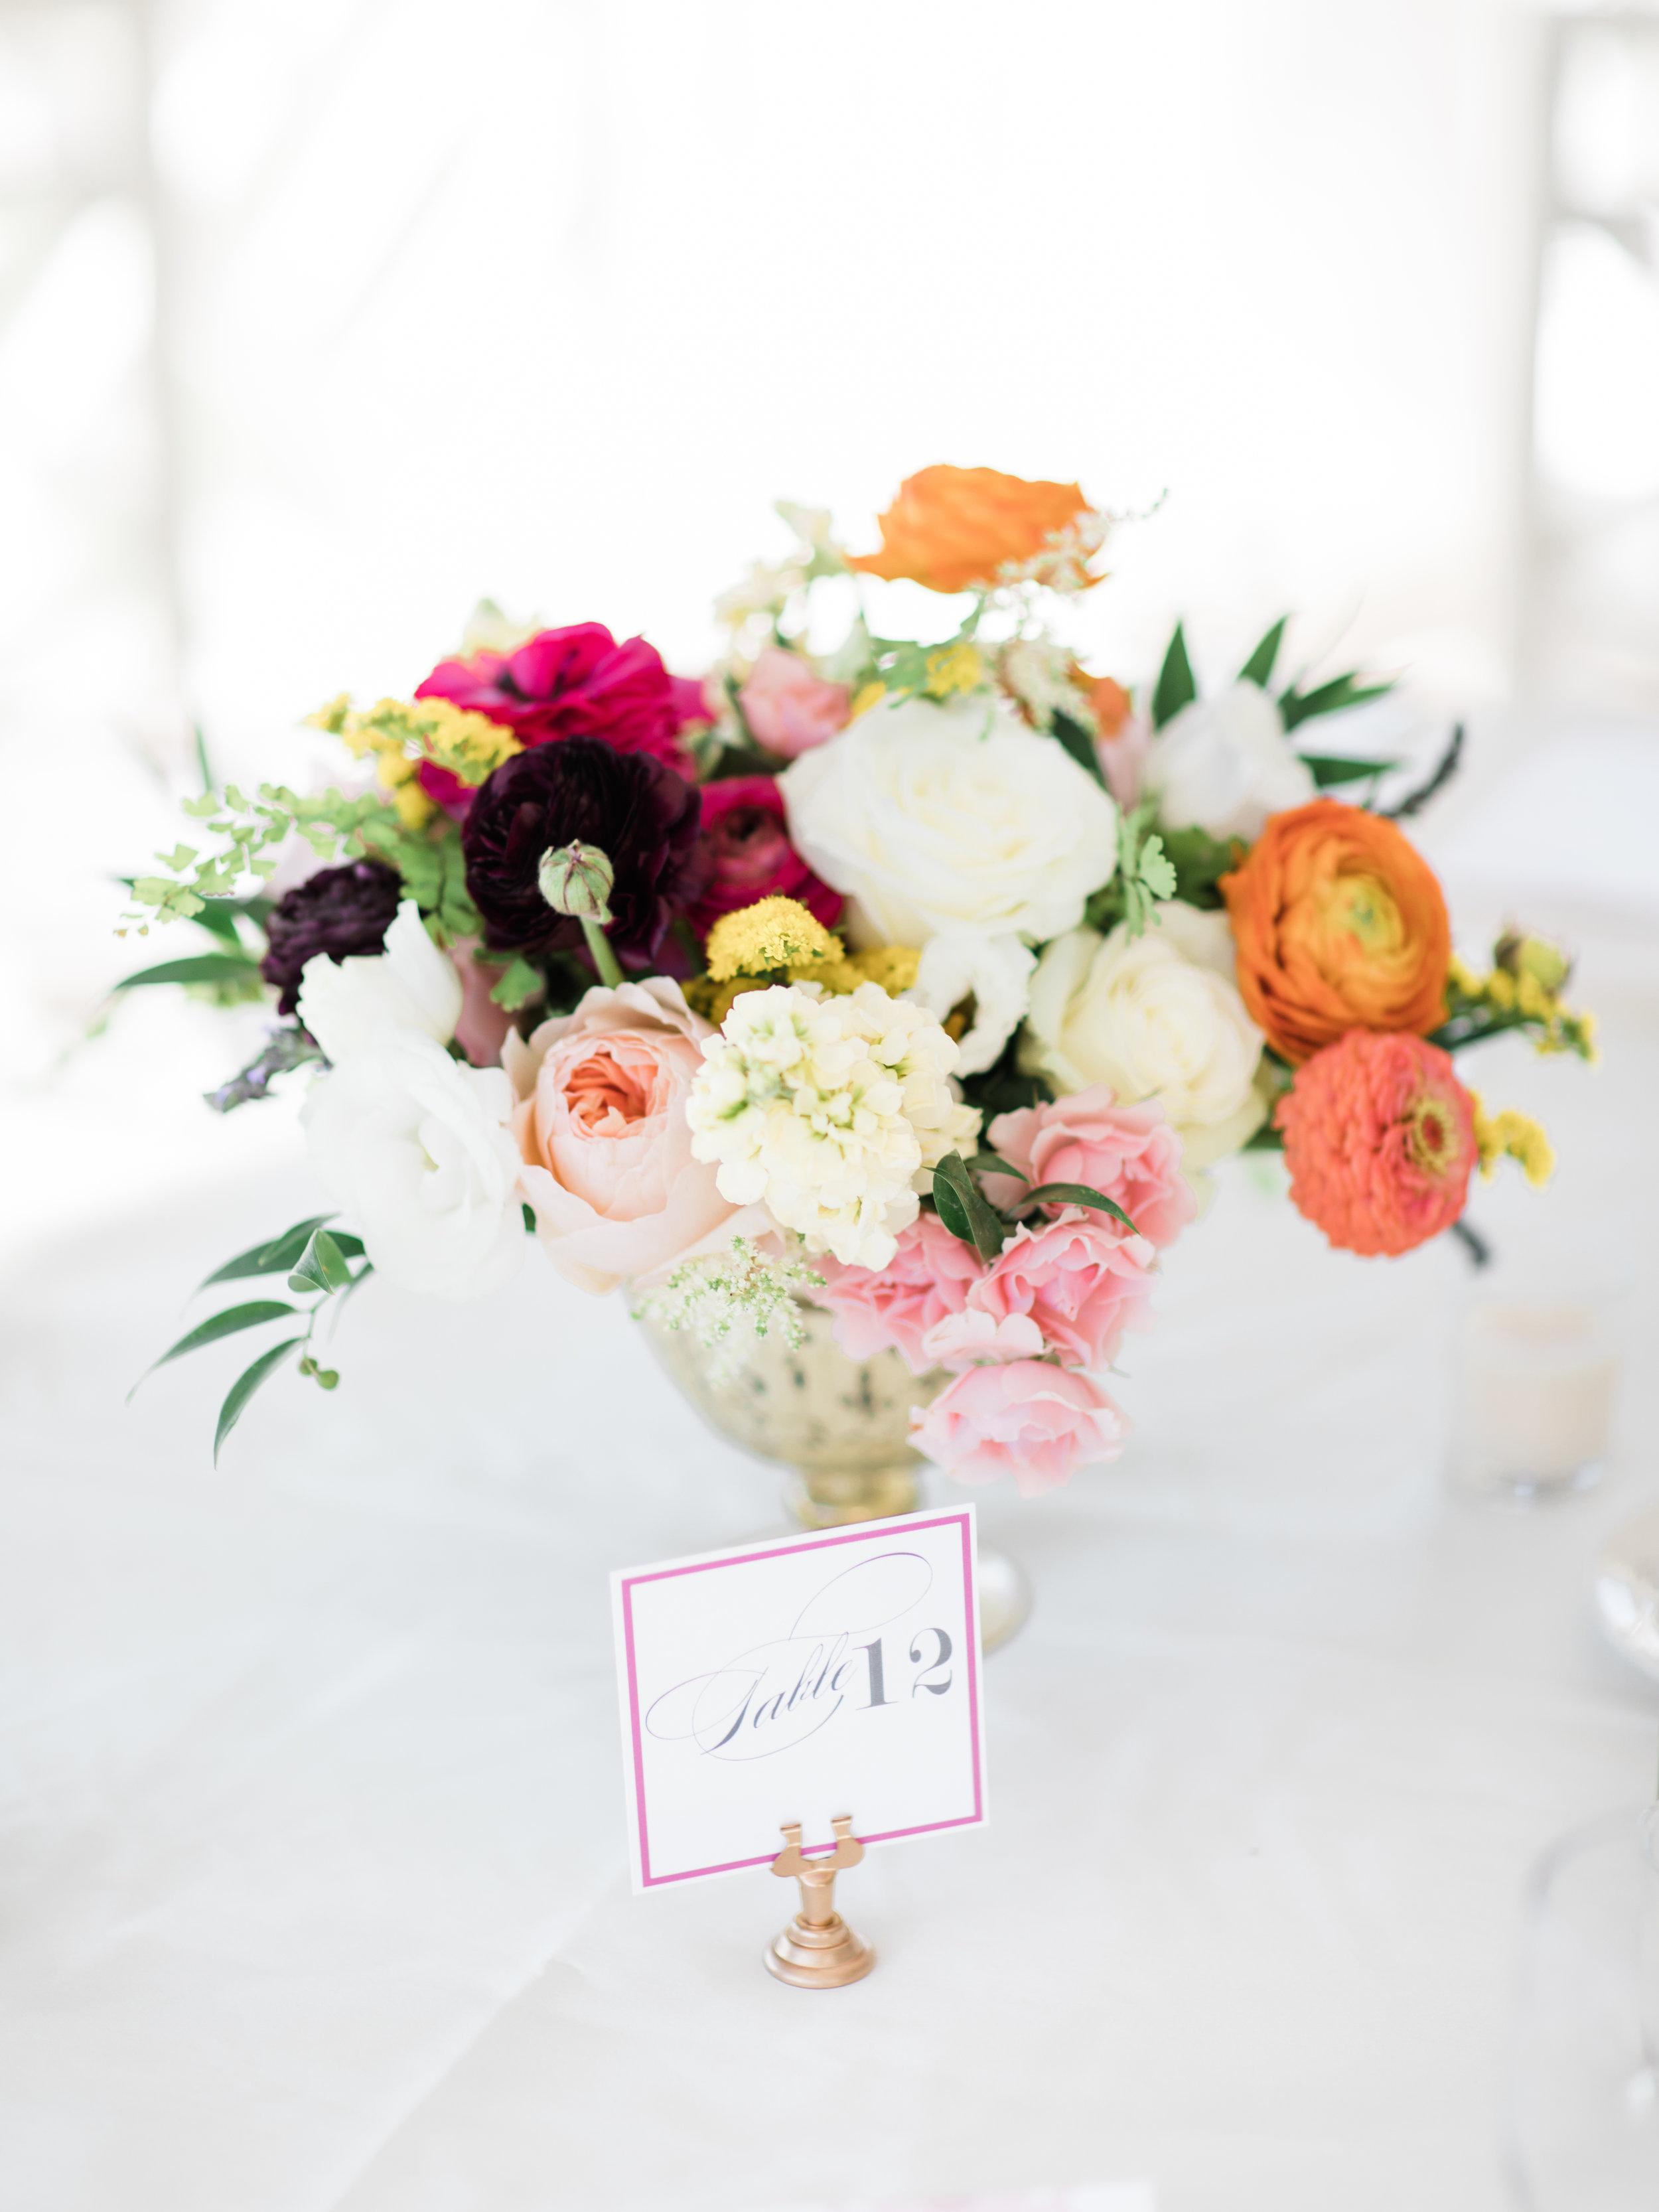 Govathoti+Wedding+Reception+Details-15.jpg